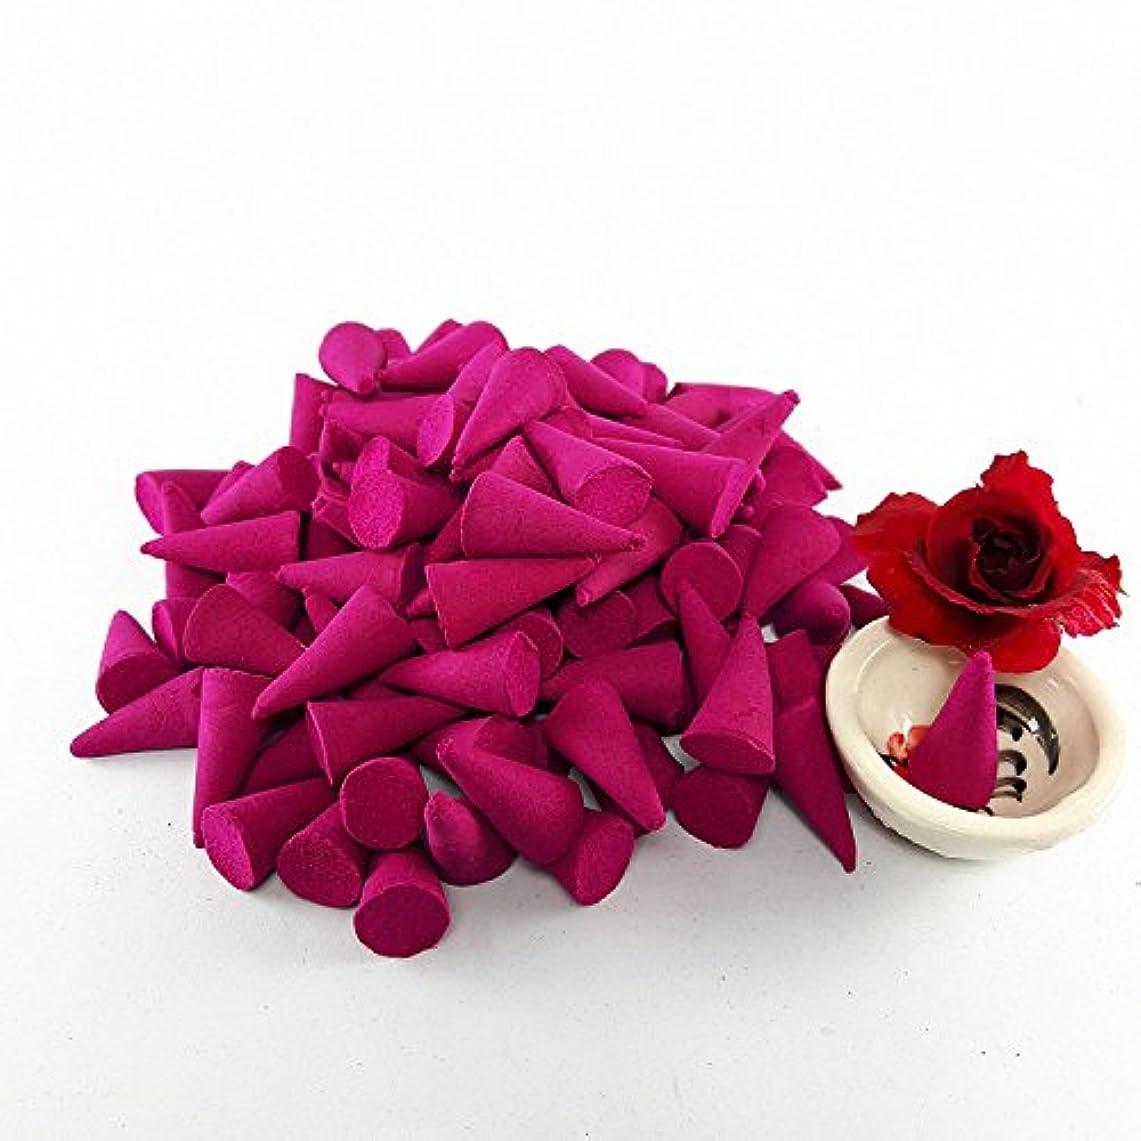 誓約流暢水差しローズお香ローズの香りリラックスアロマテラピーSpa (パックof 100 Cones )